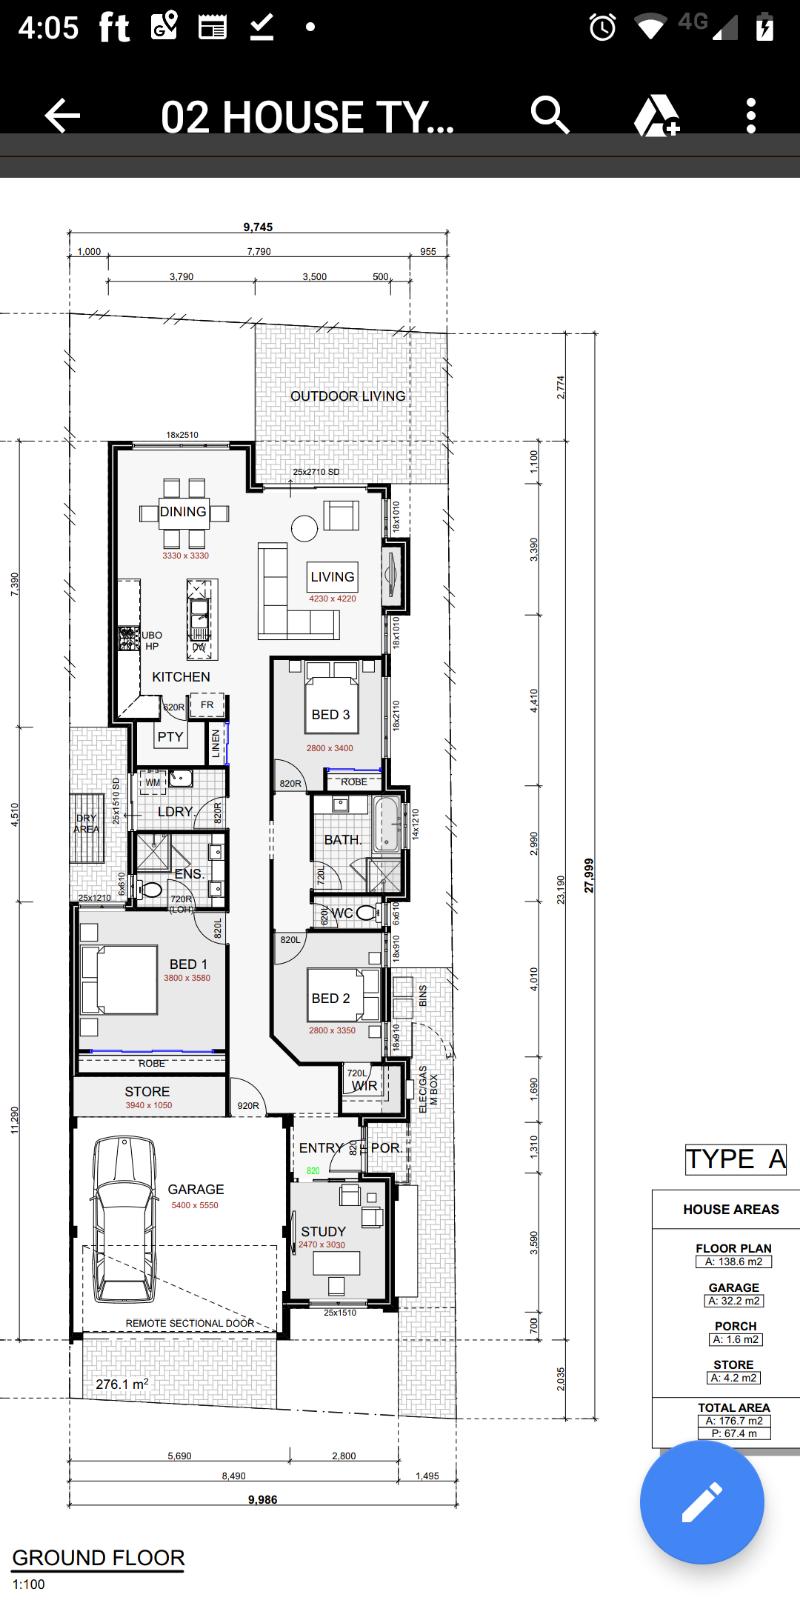 Home design 9m wide northwest SYD NSW